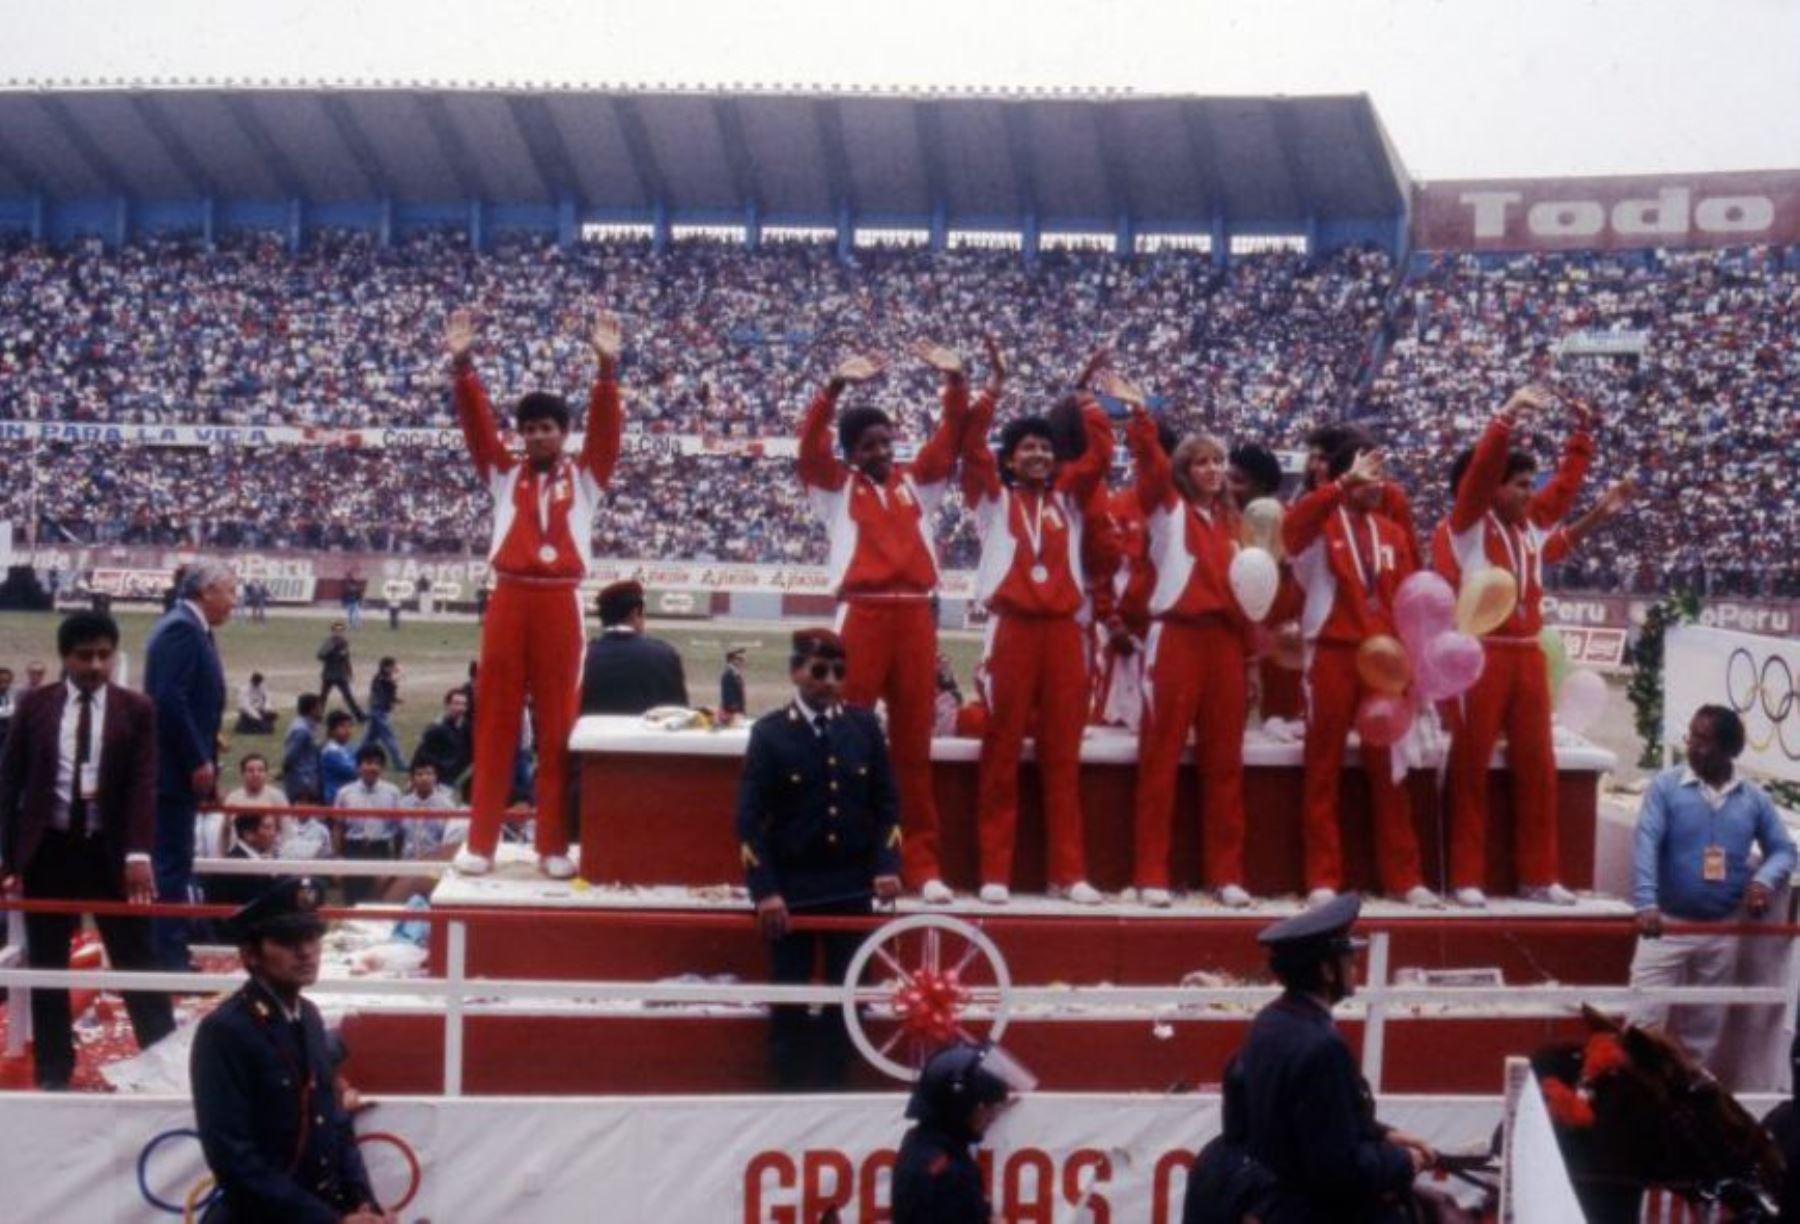 El equipo peruano consiguió la medalla de plata en las Olimpiadas de Seúl 1988.